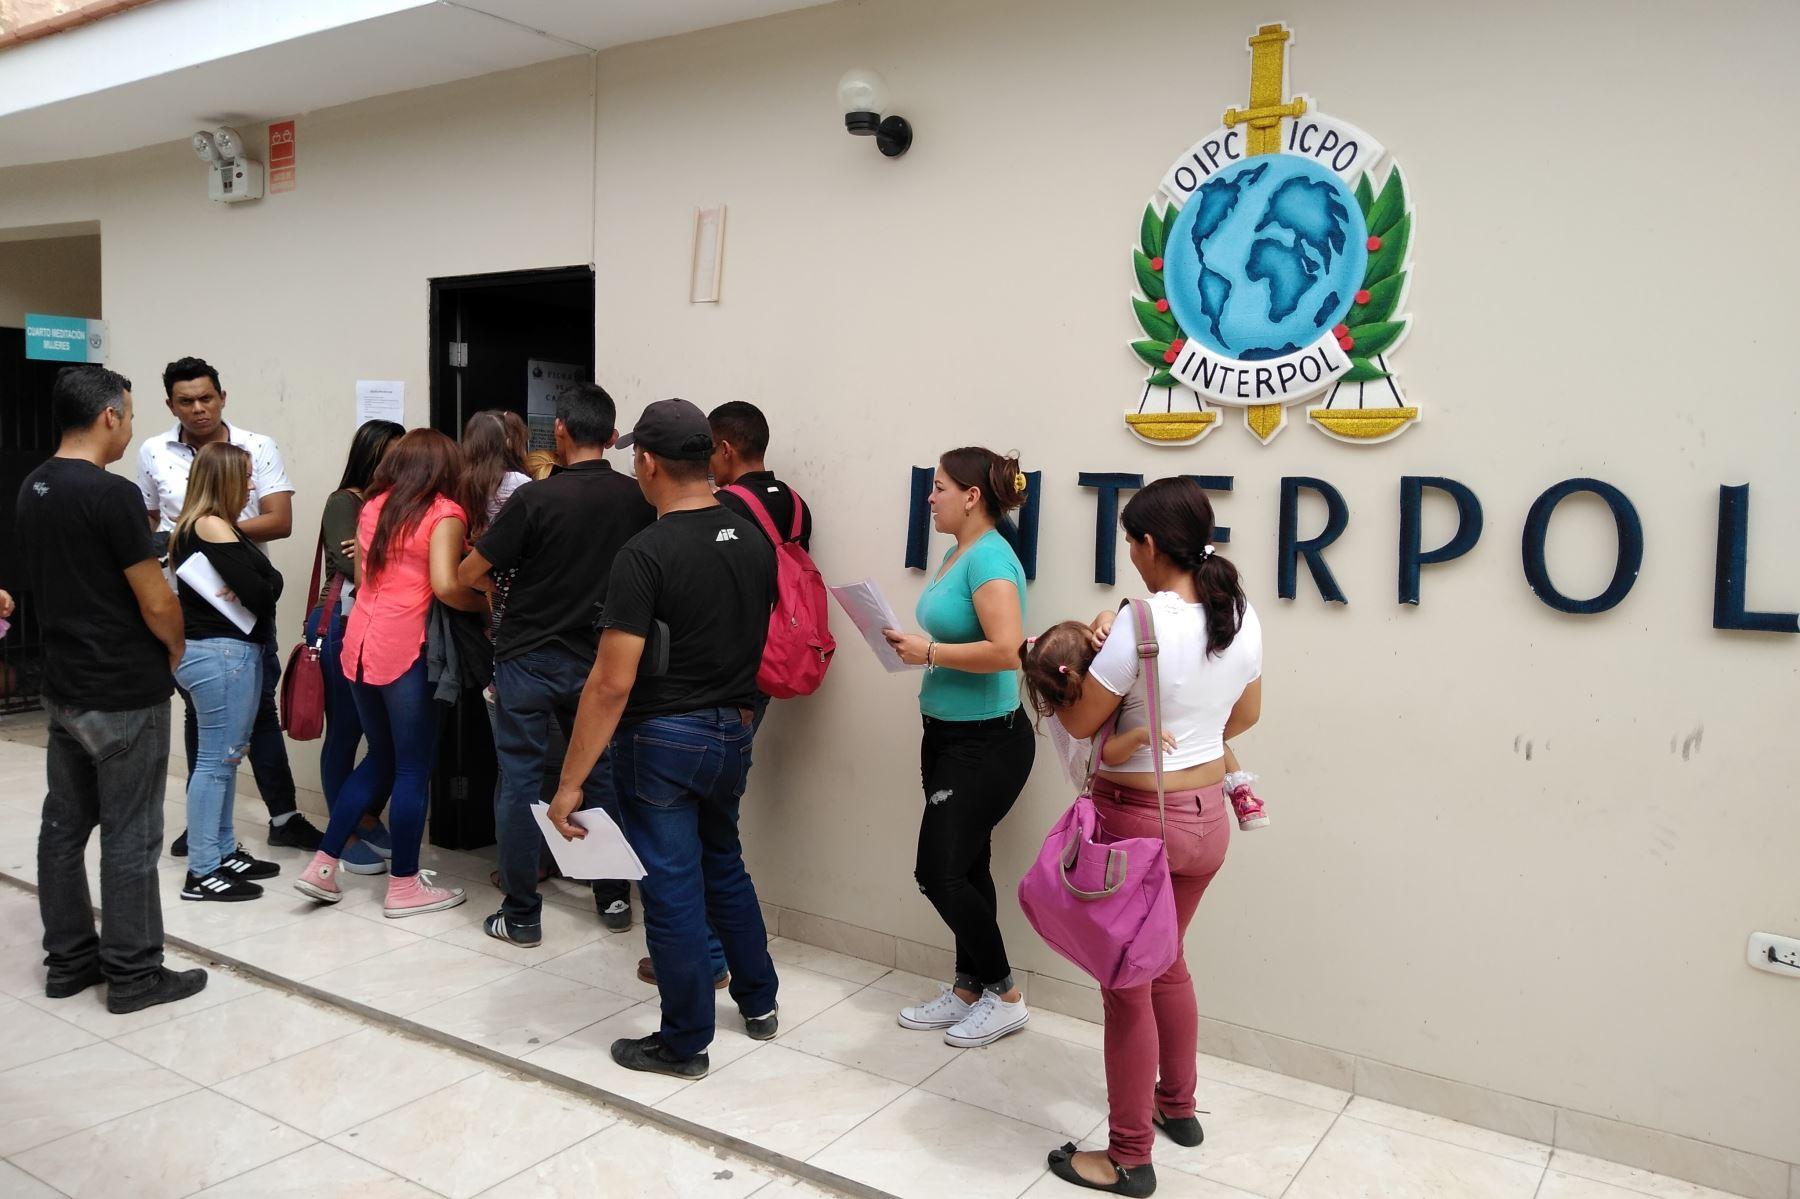 Desde noviembre pasado, la oficina de la Interopol que funciona en la comisaría de la ciudad de Lambayeque ha atendido a más de 8,000 ciudadanos venezolanos.